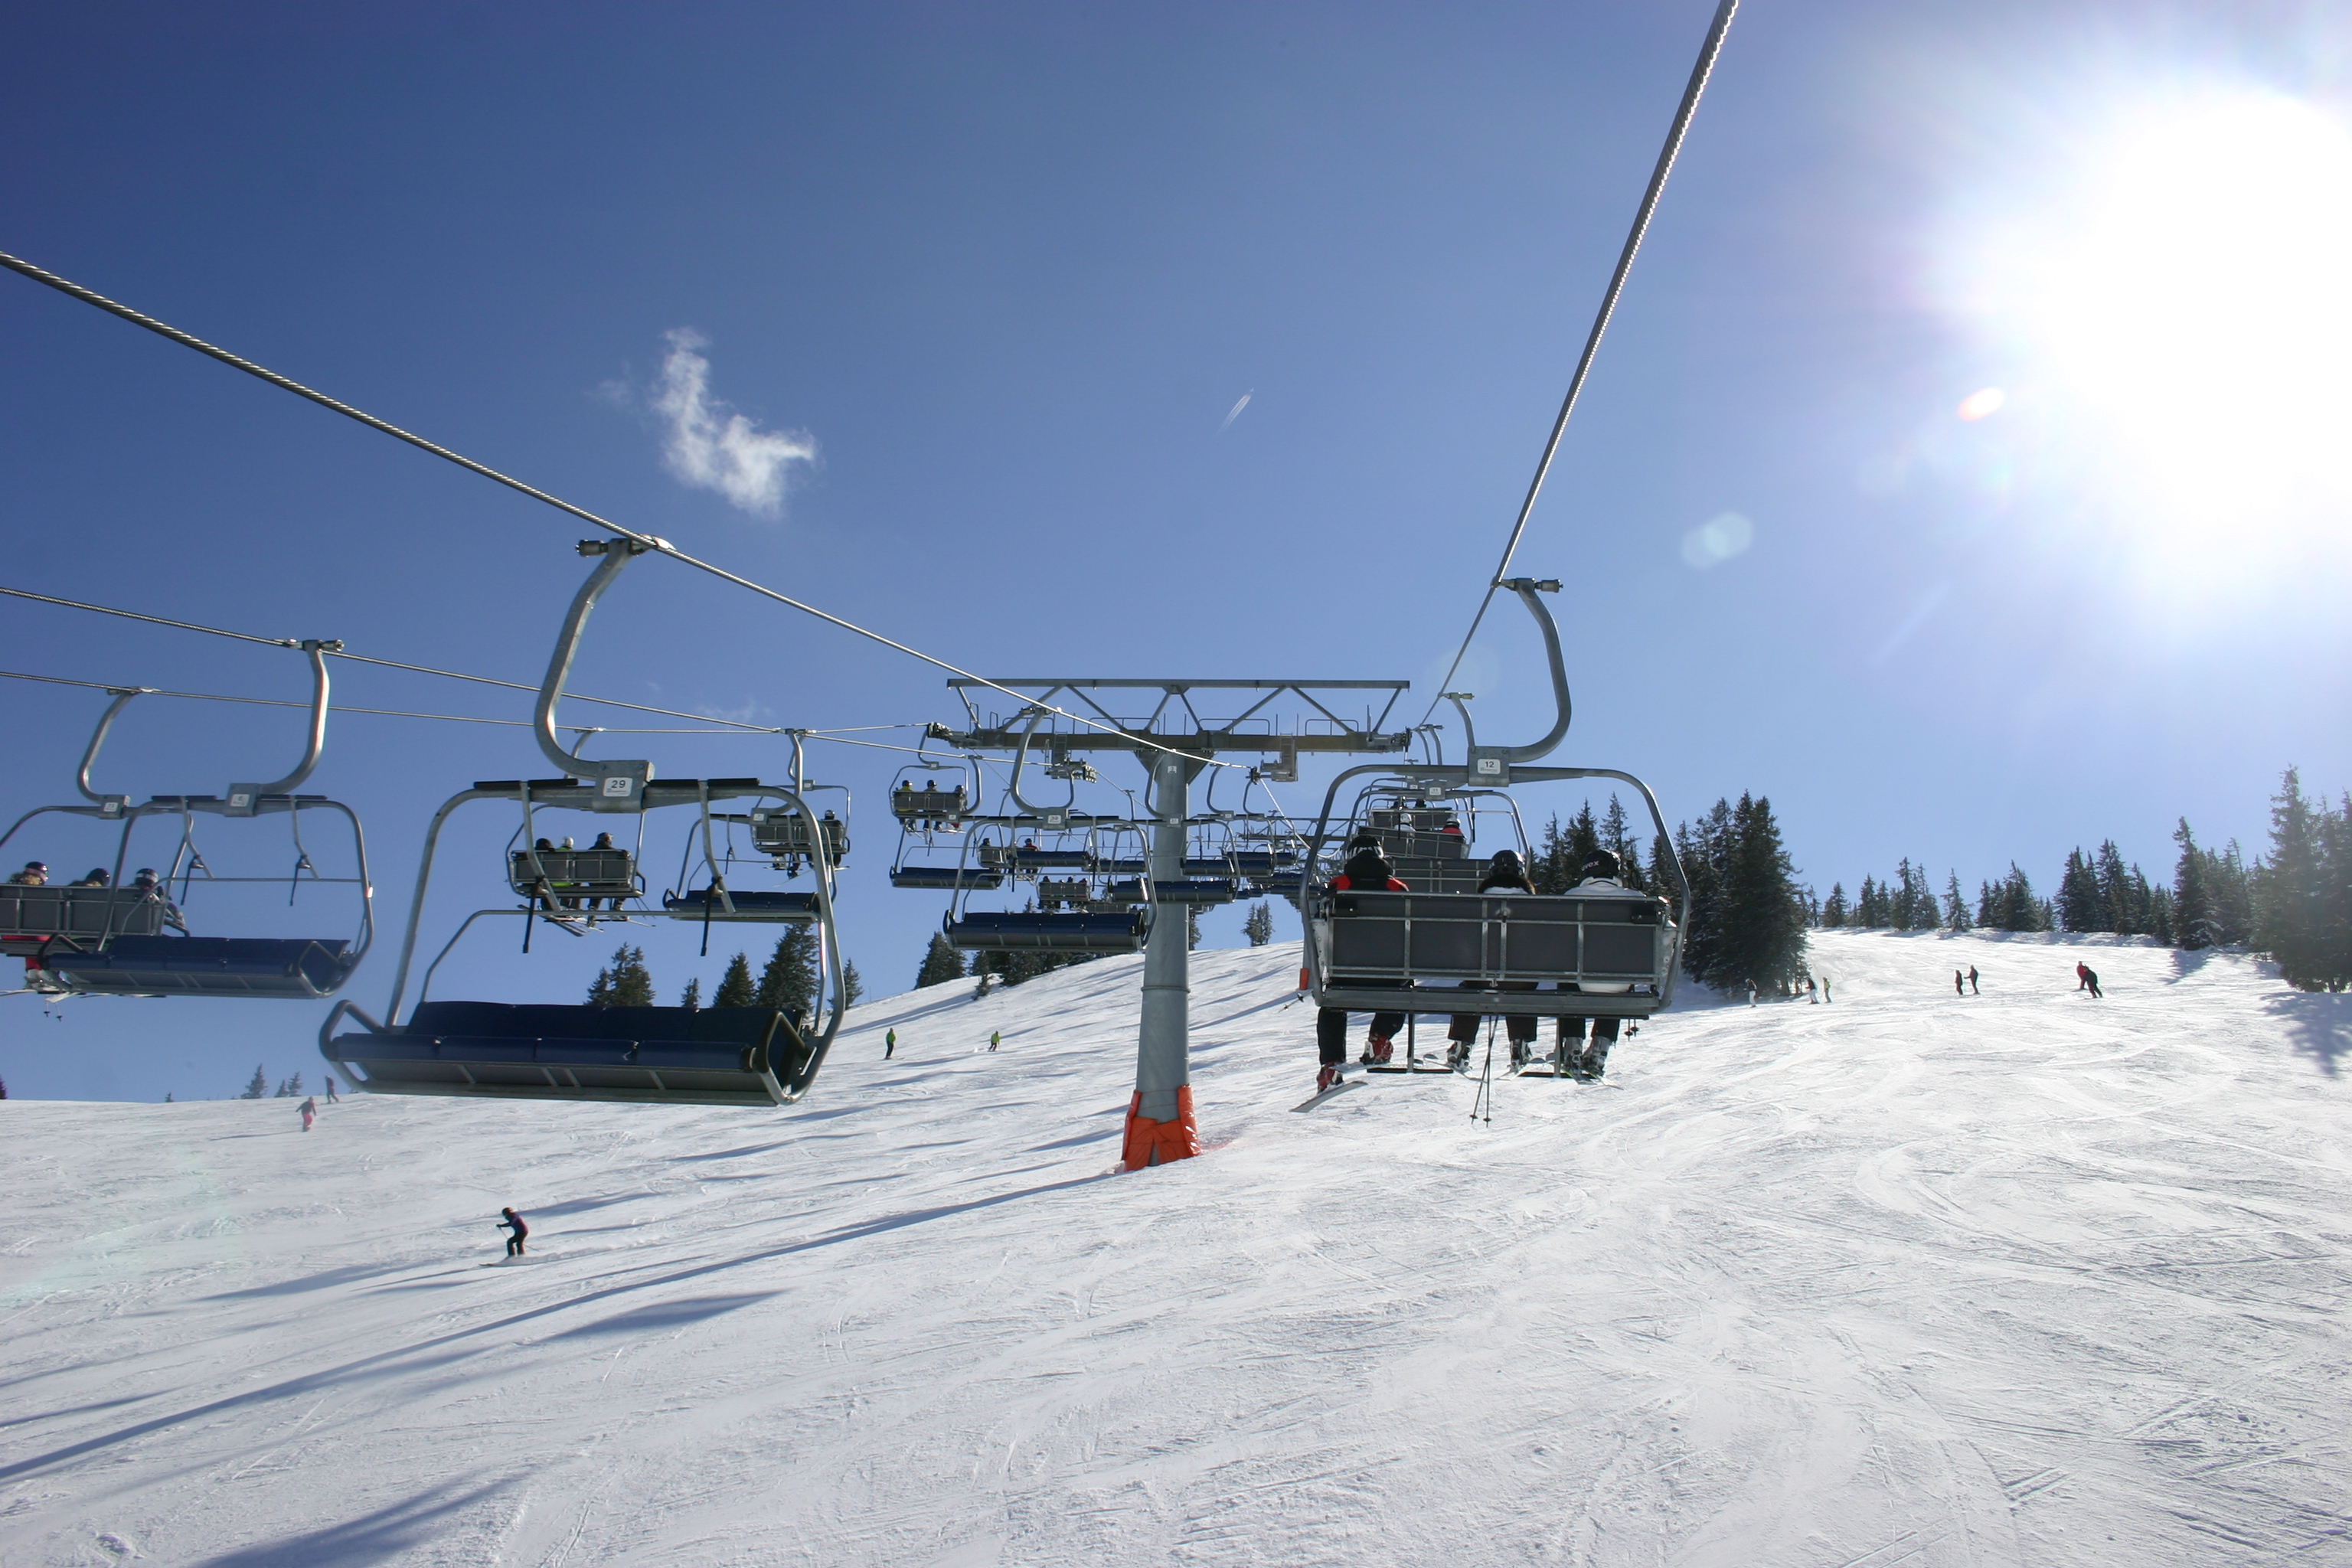 Kitzbüheler Alpen 595 - Dag 8